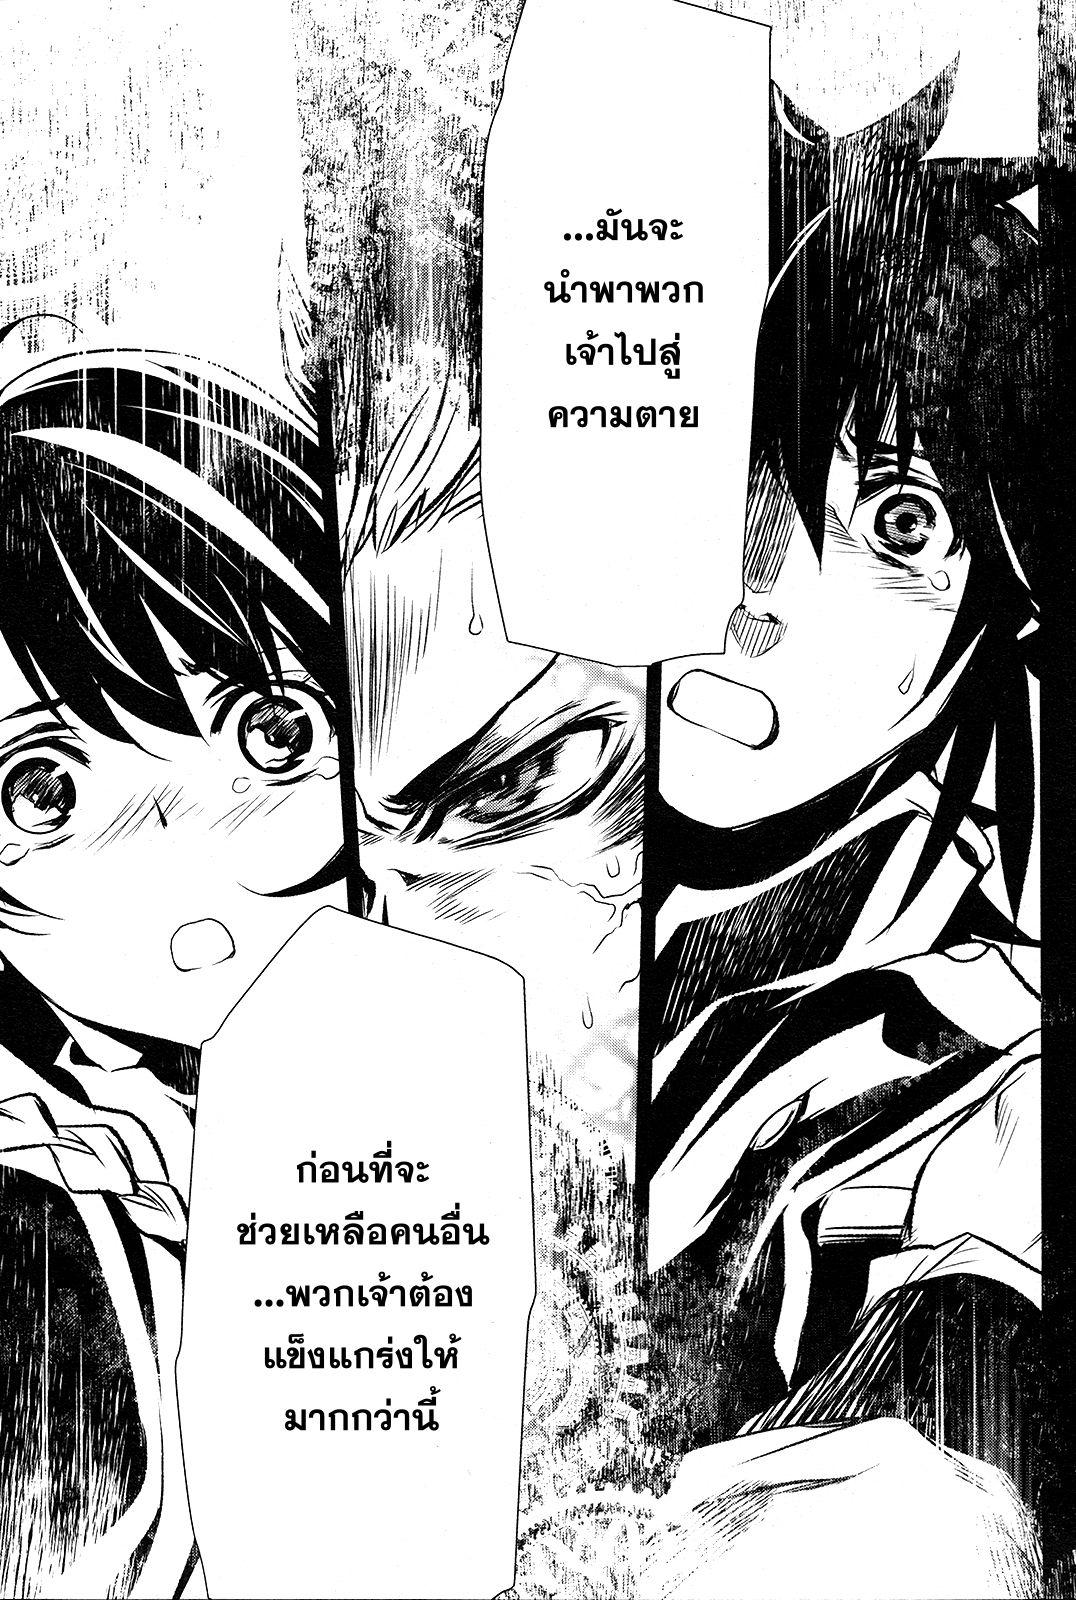 อ่านการ์ตูน Shinju no Nectar ตอนที่ 4 หน้าที่ 21